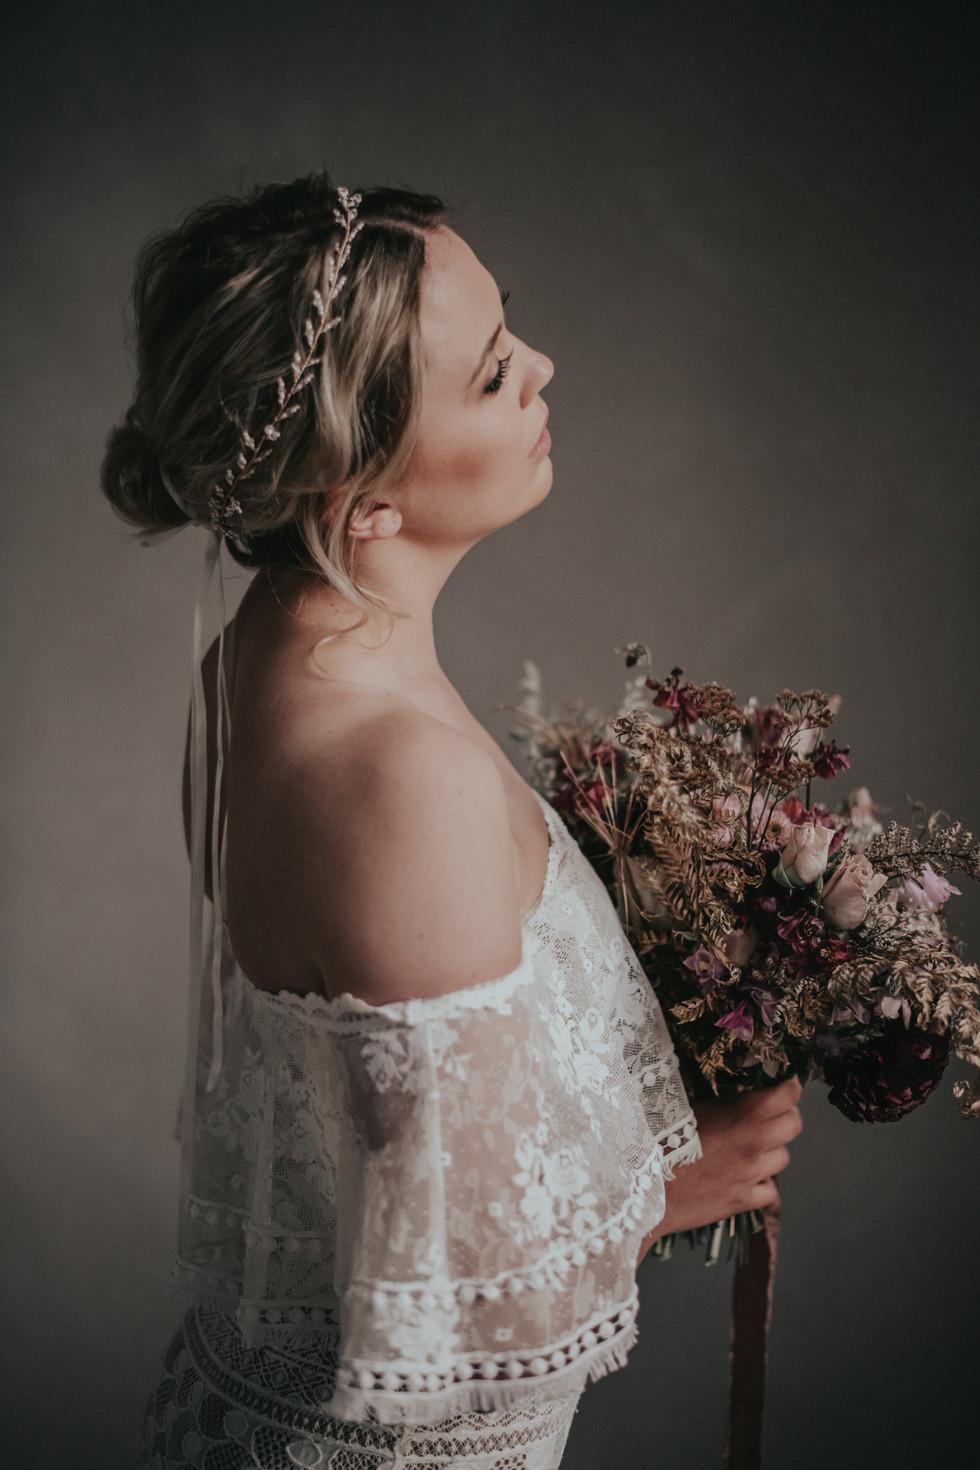 Foto: www.kuenzli-photography.com Headpiece: www.la-chia.de (onlineshop) Flowers: www.myawina.ch Styling: isaBELLE